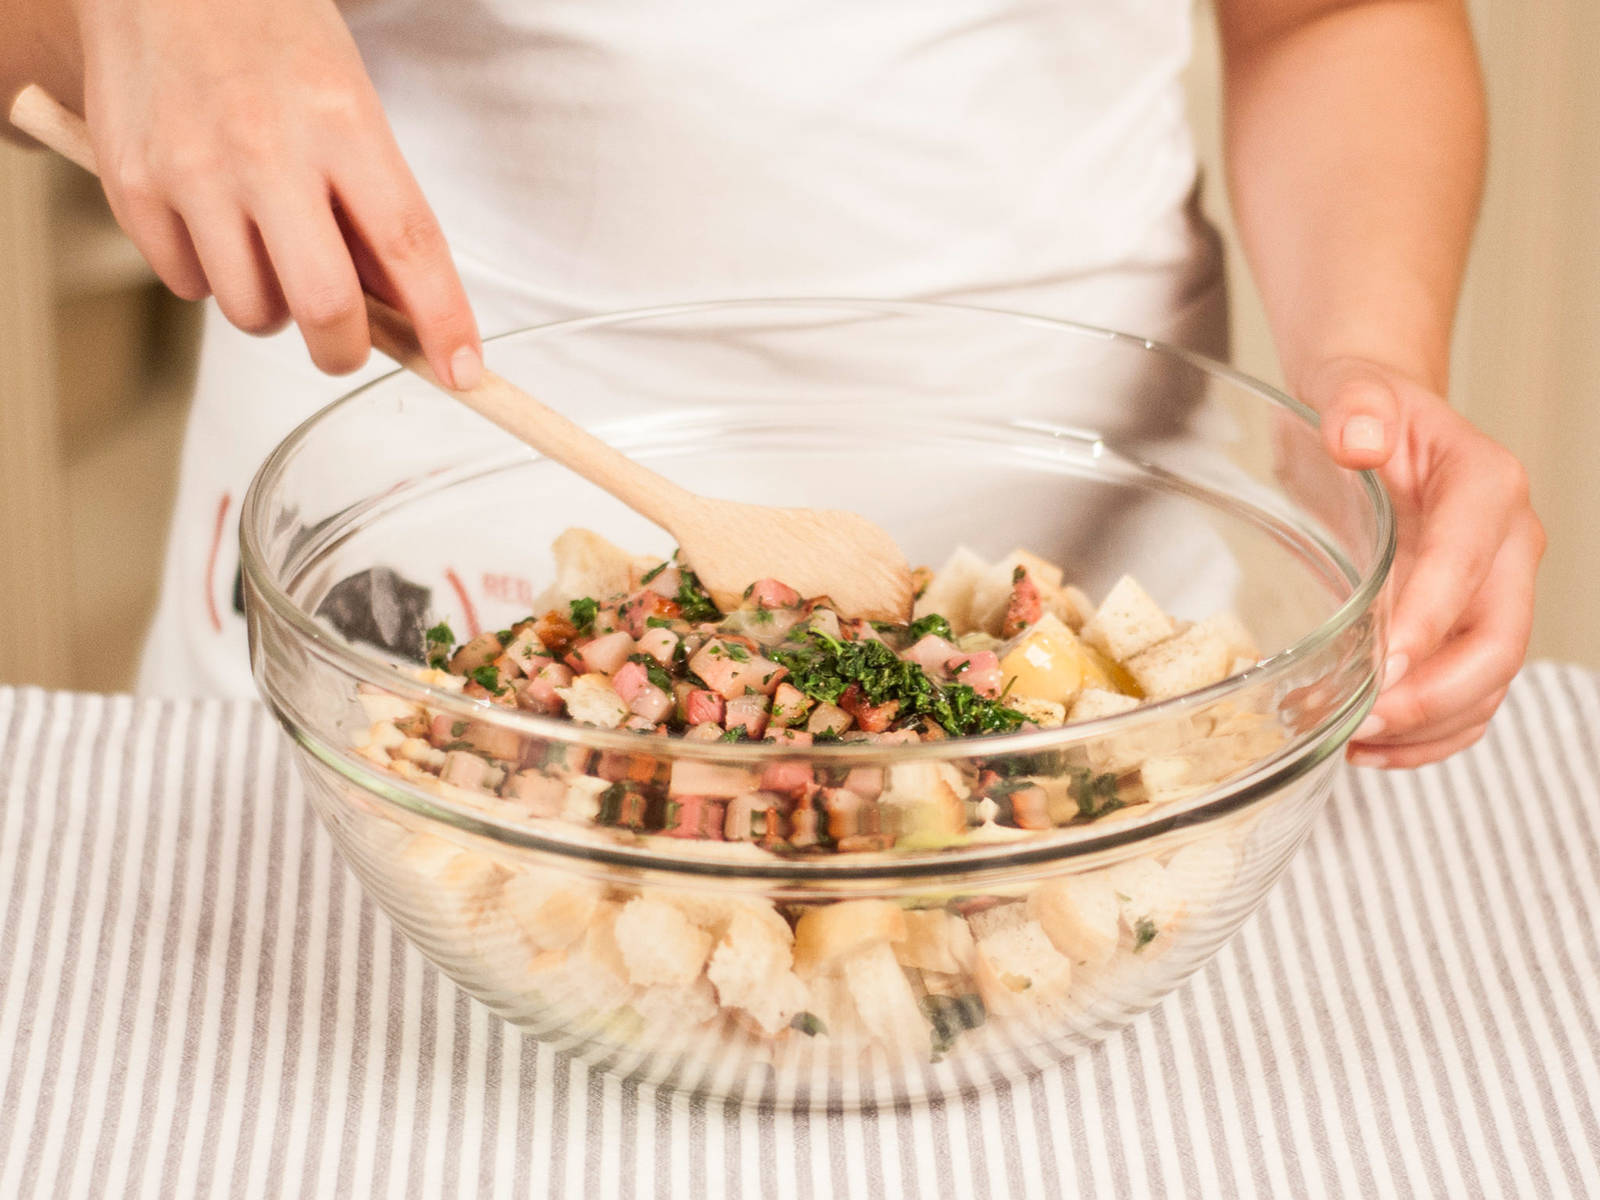 将白面包、苹果丁、芹菜丁和炒好的培根以及核桃拌匀。加入鸡蛋,搅拌至均匀。多放些盐和胡椒将馅料调味。